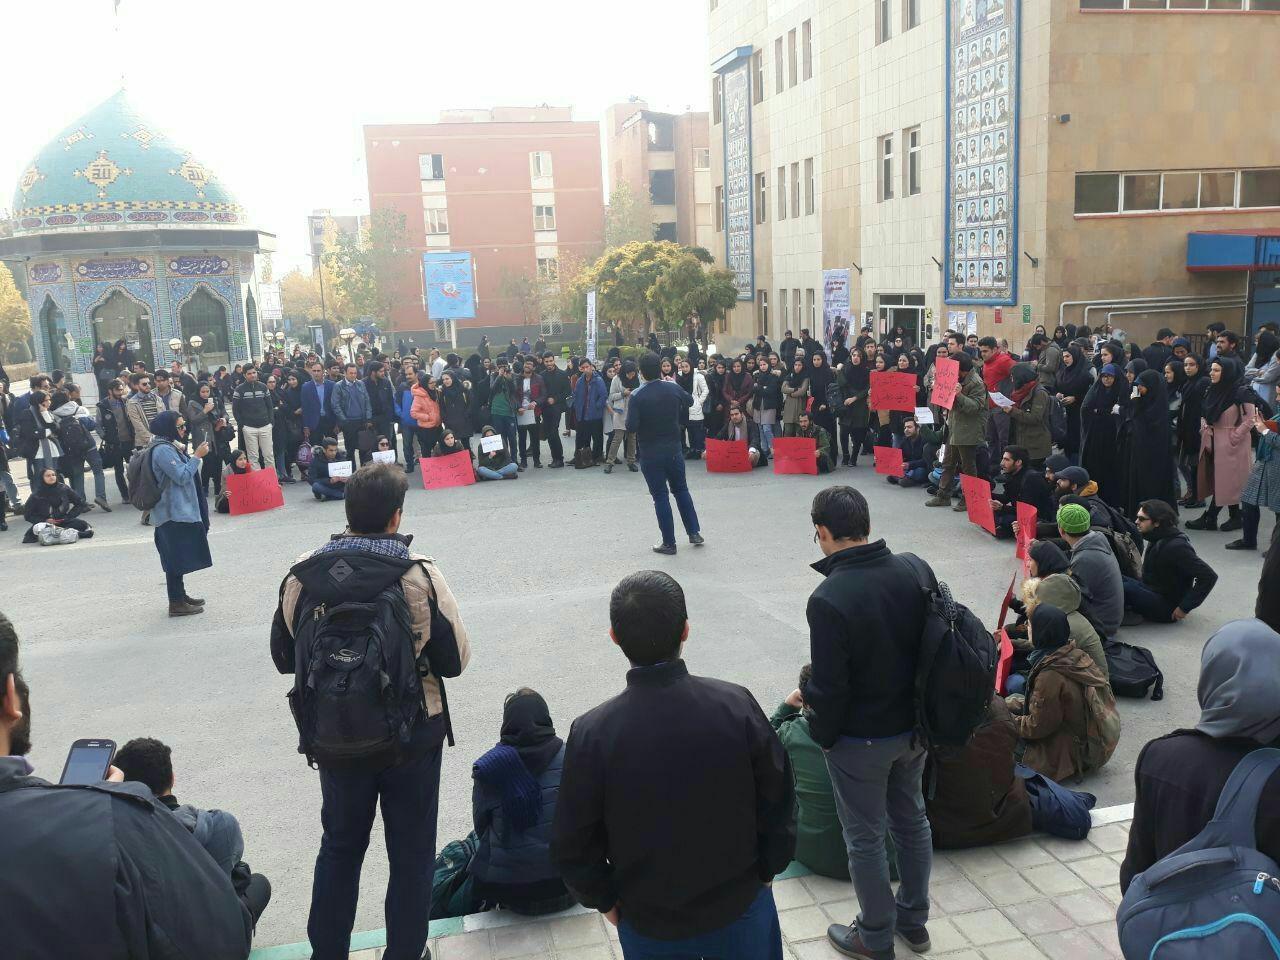 پولی شدن آموزش و بالاگرفتن جریان اعتراضی در ۱۰ دانشگاه